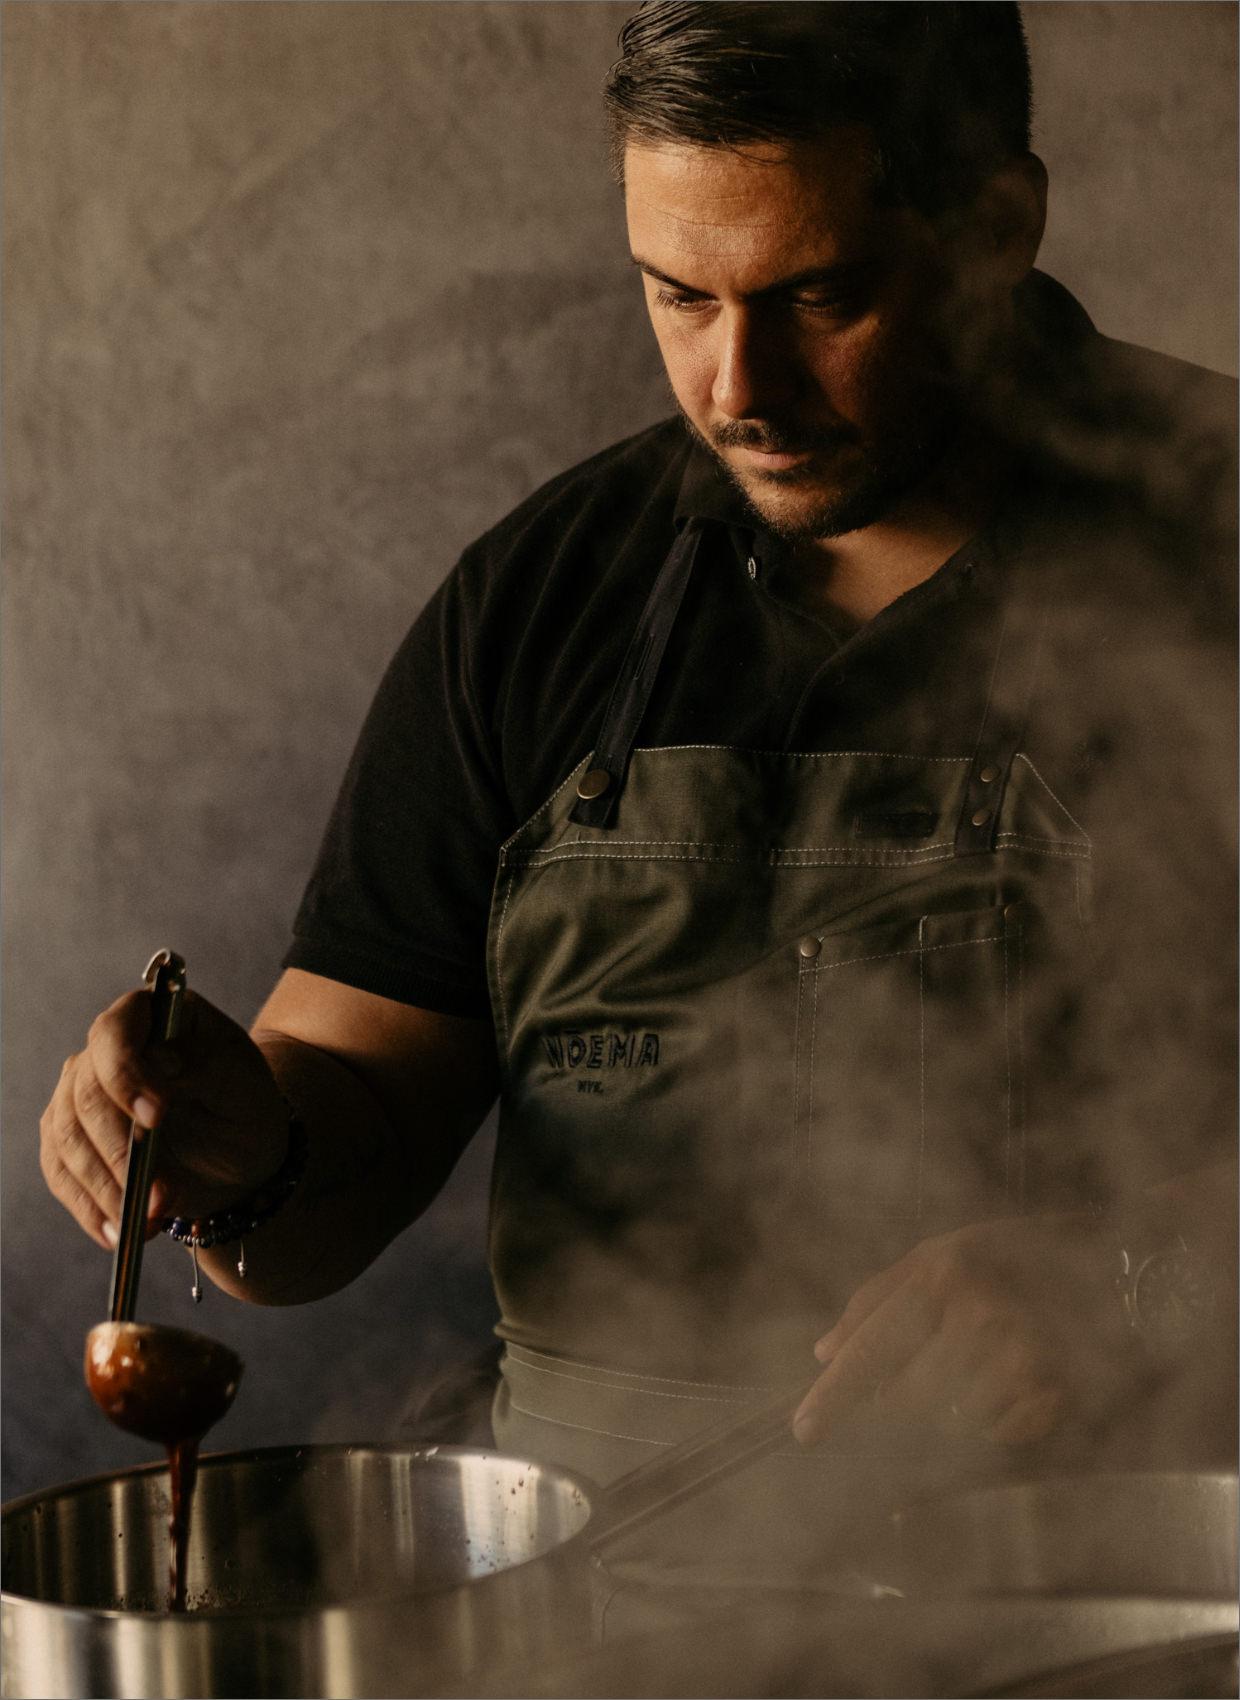 greek food michelin star chef mediterranean dish restaurant mykonos